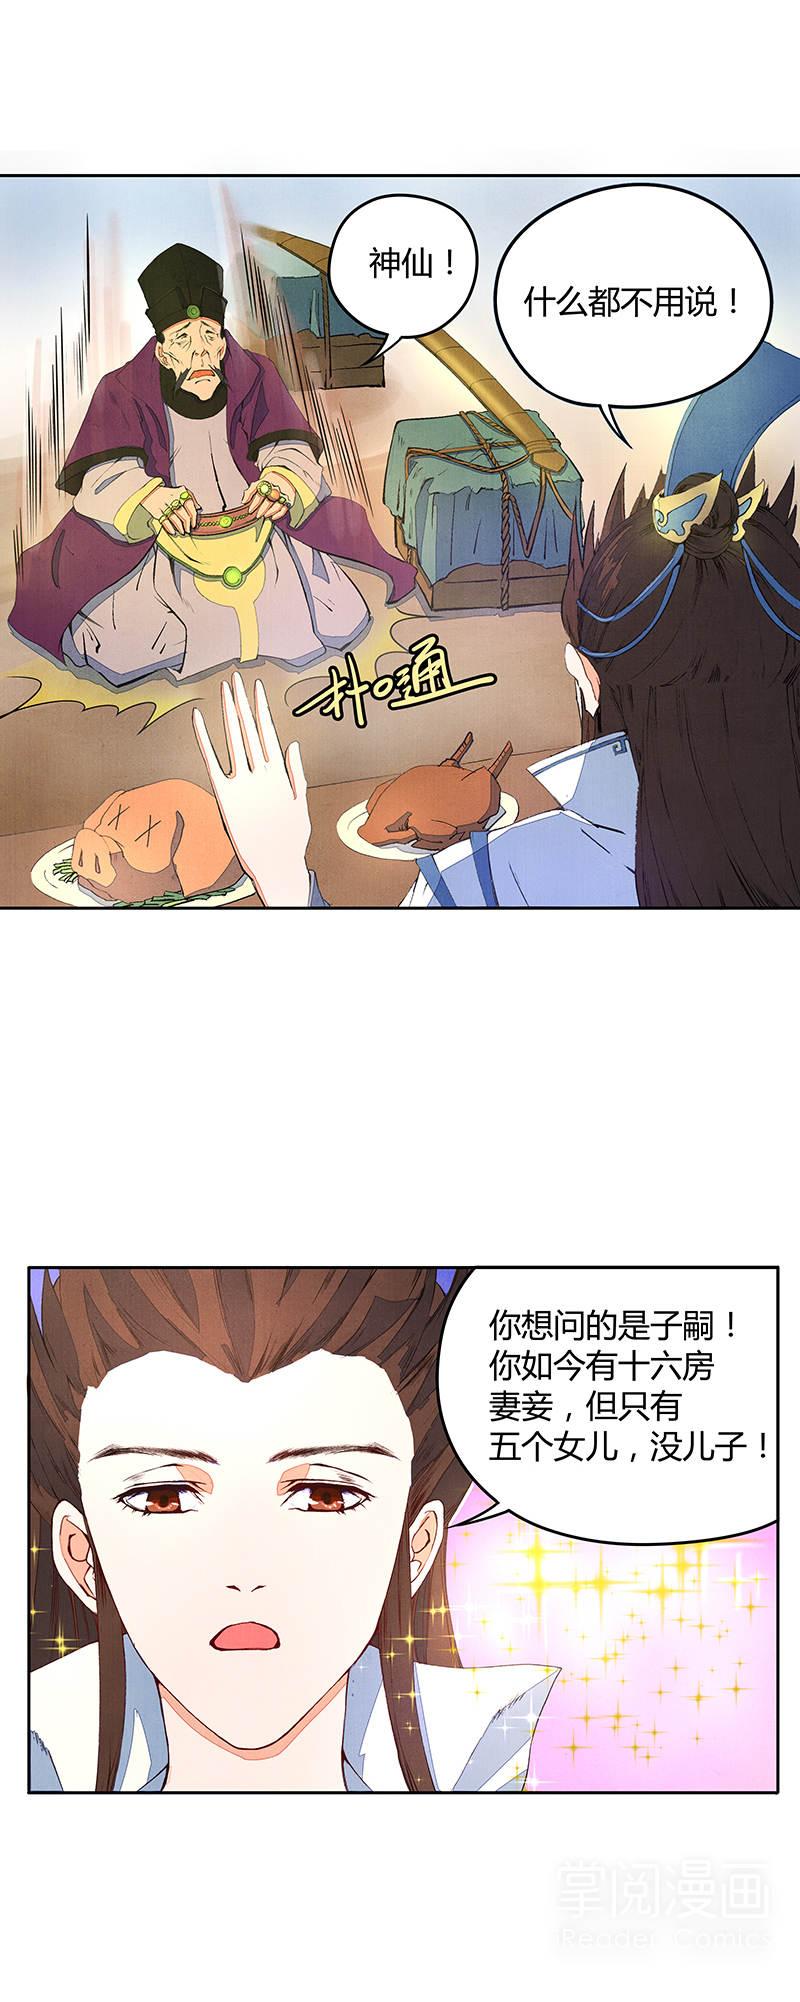 逍遥游第35话  神算一言定凶吉 第 4